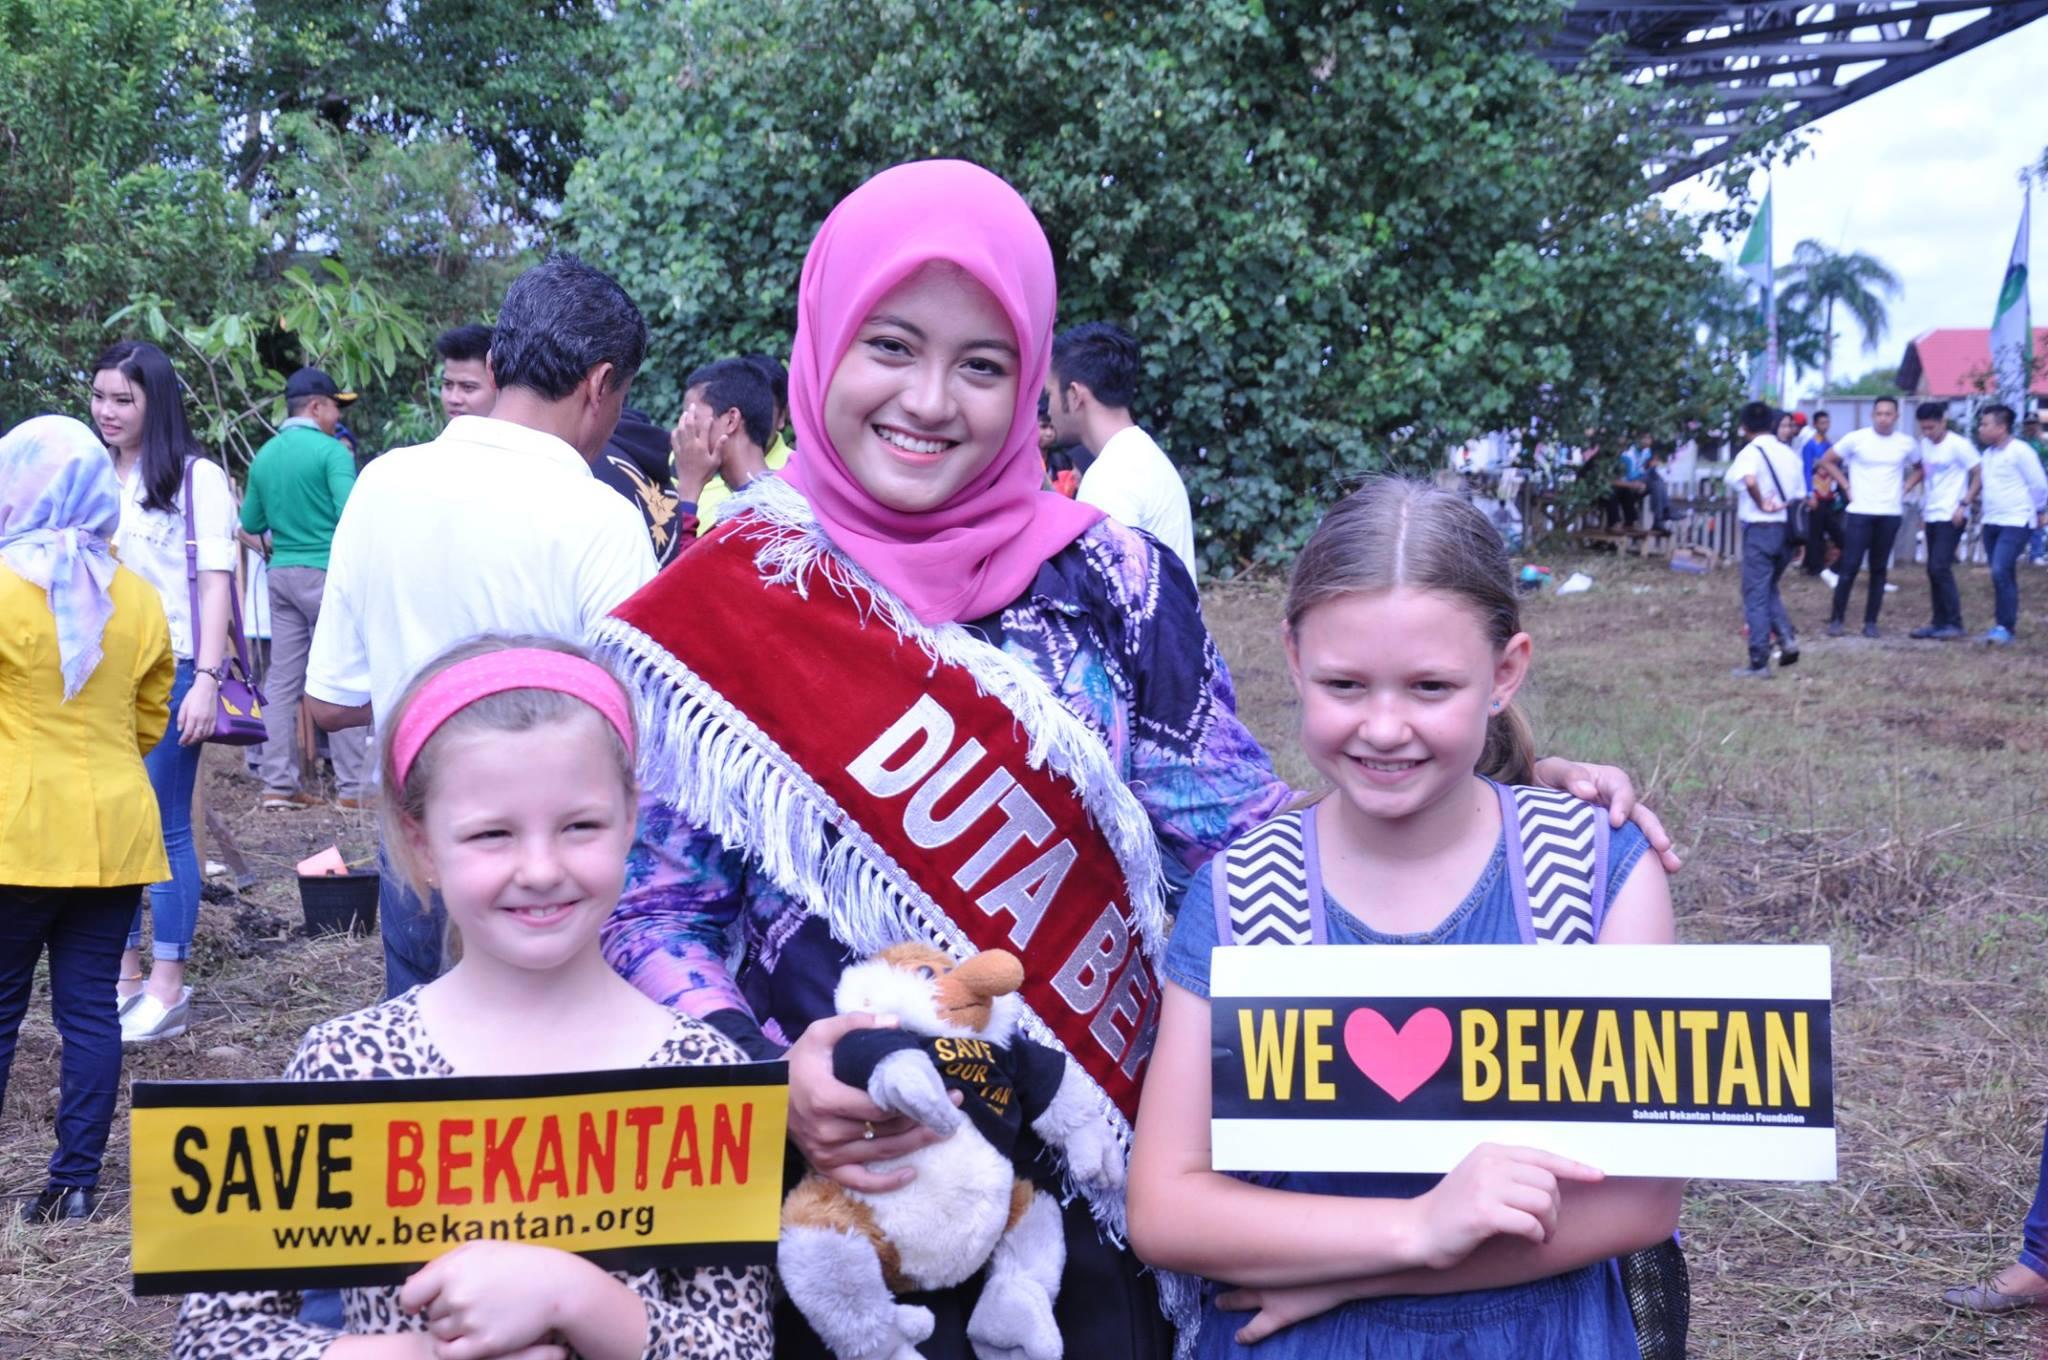 Salahsatu Duta Bekantan (Putri) berfoto bersama anak-anak pemerhati bekantan